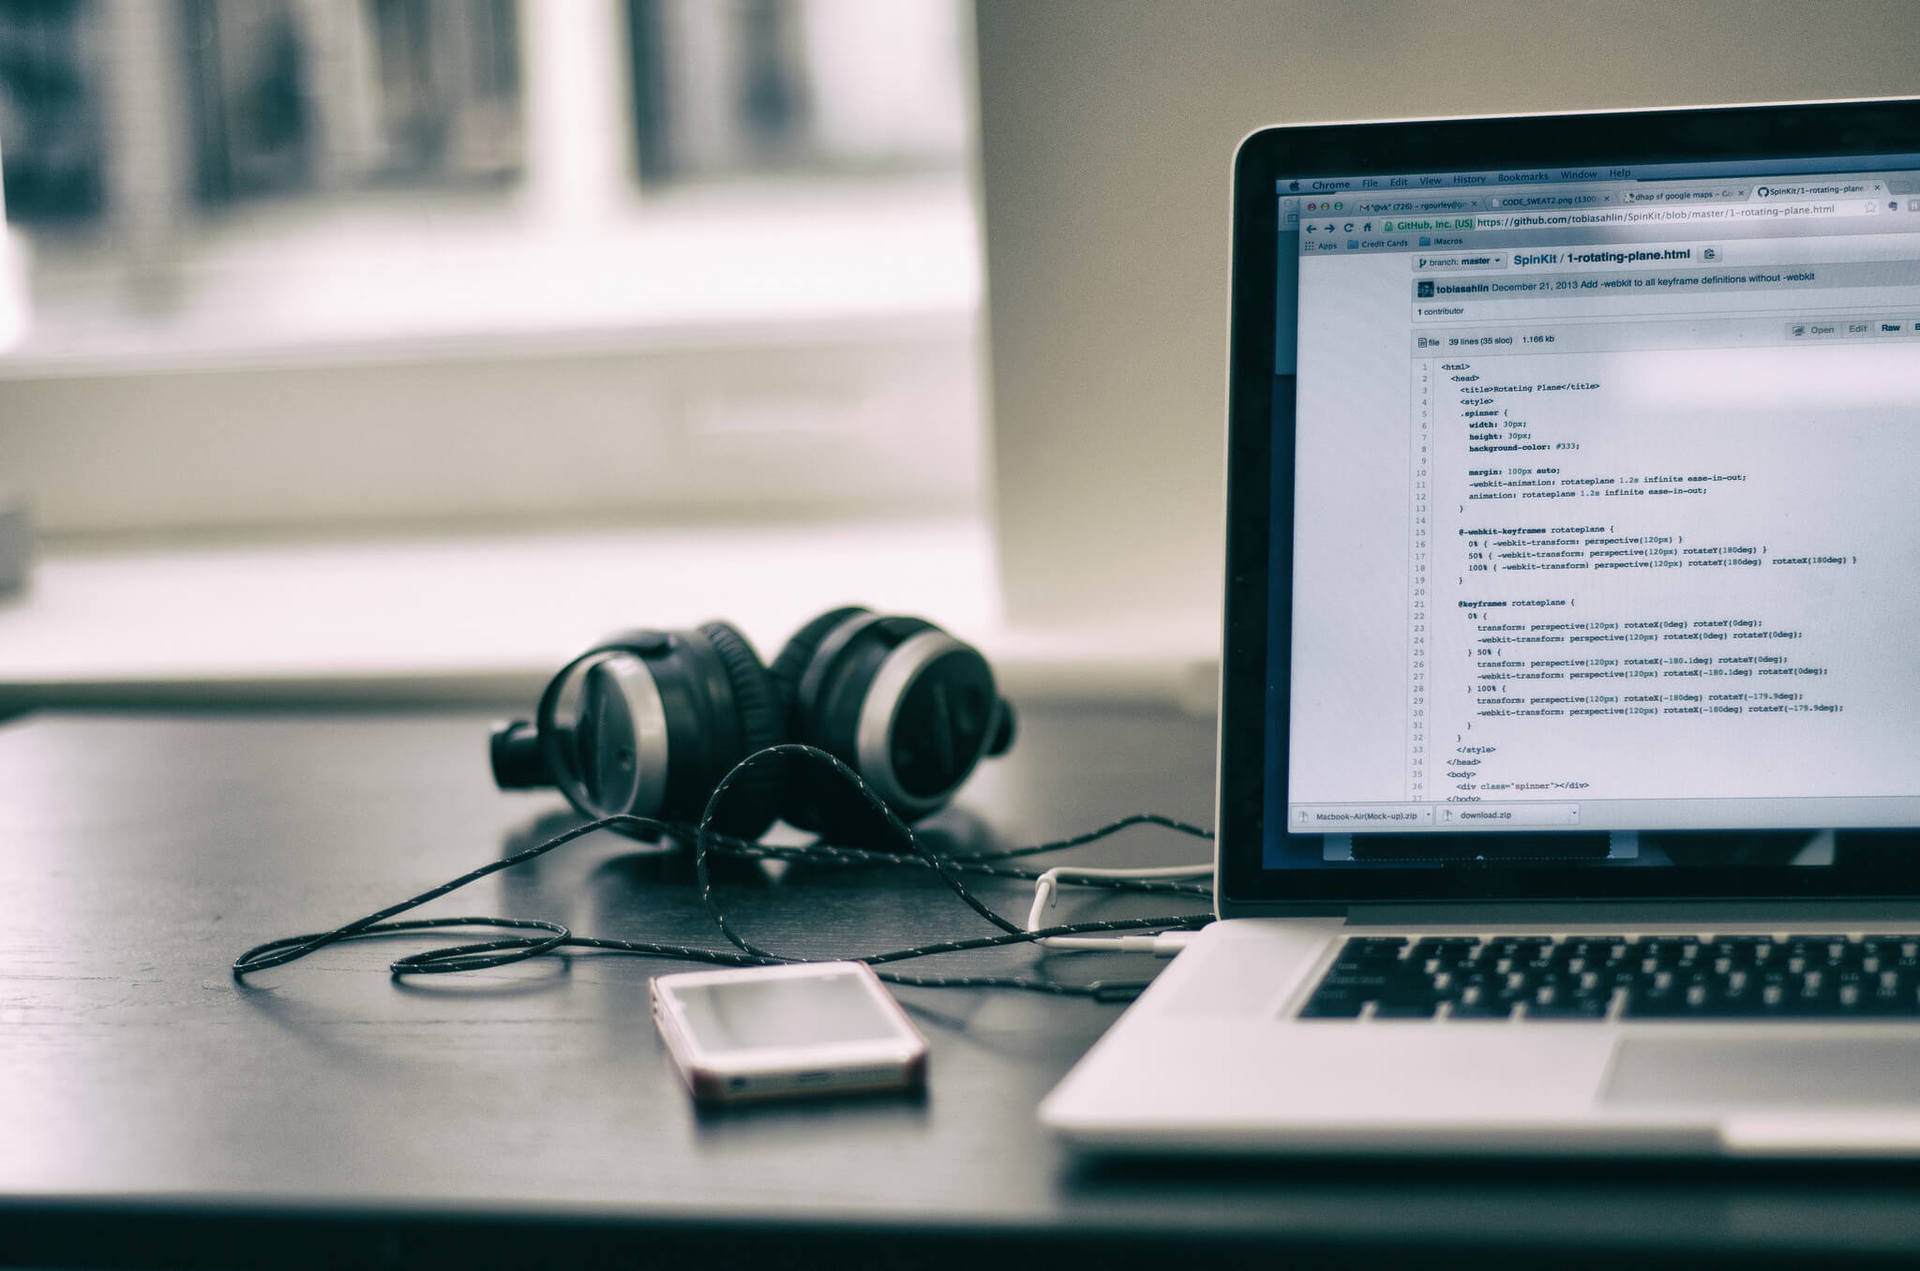 Как стать первым в спортивном программировании: Университет ИТМО делится опытом. Часть 2 - 3